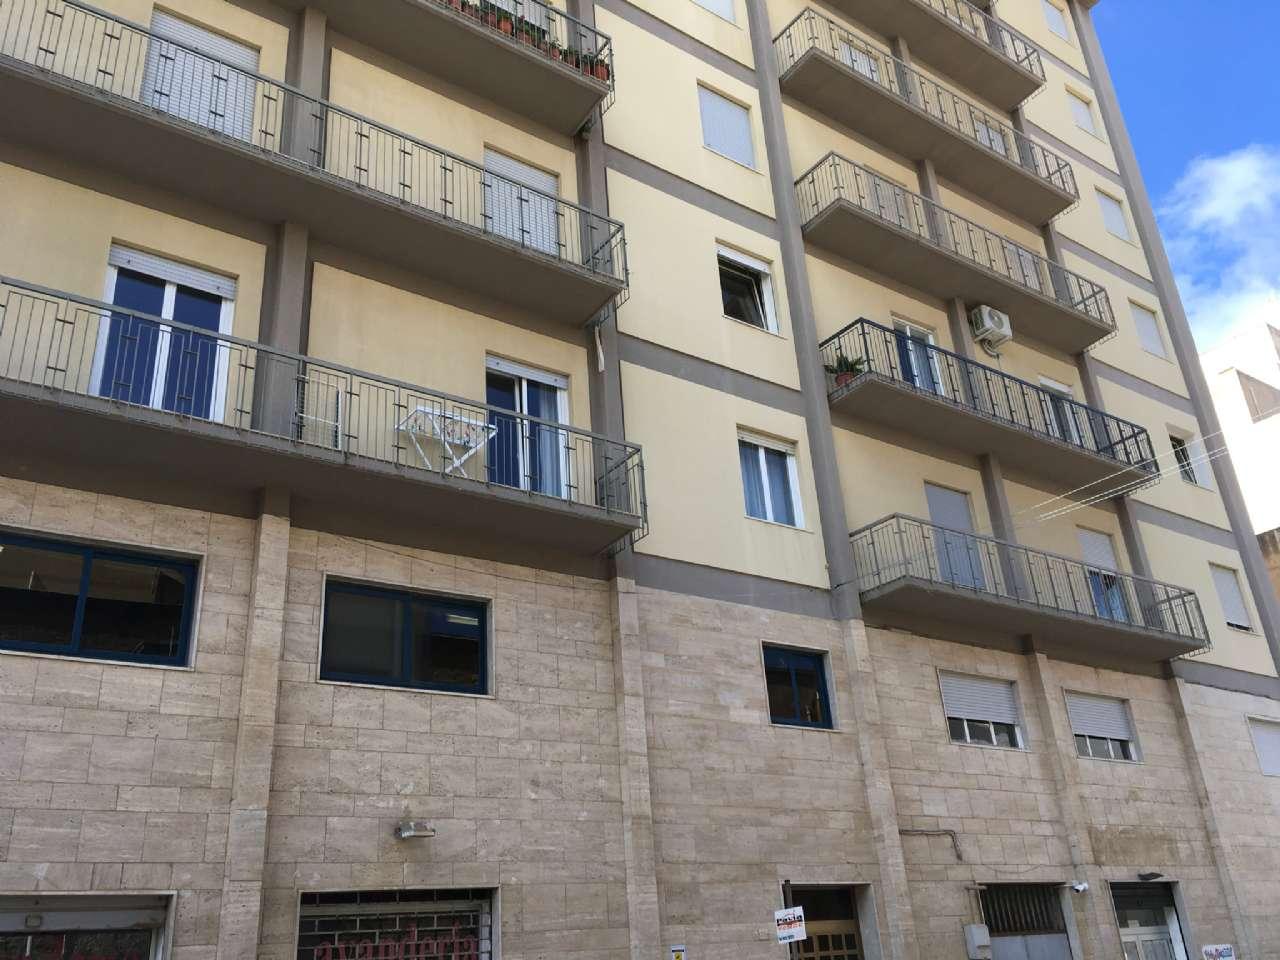 Appartamento, Via Cavour, Centro, Marsala, foto 18